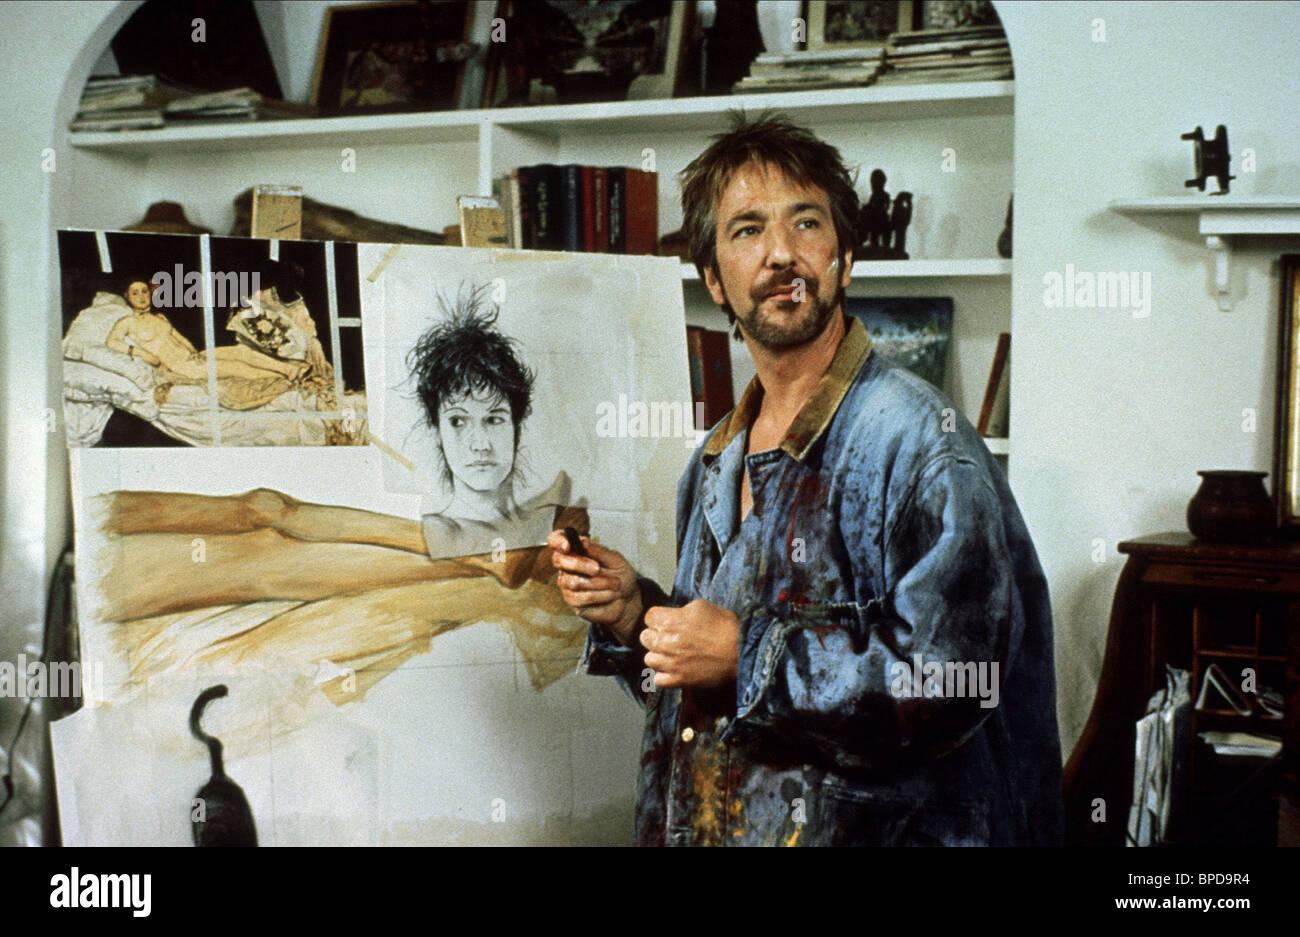 ALAN RICKMAN THE JANUARY MAN (1989) - Stock Image